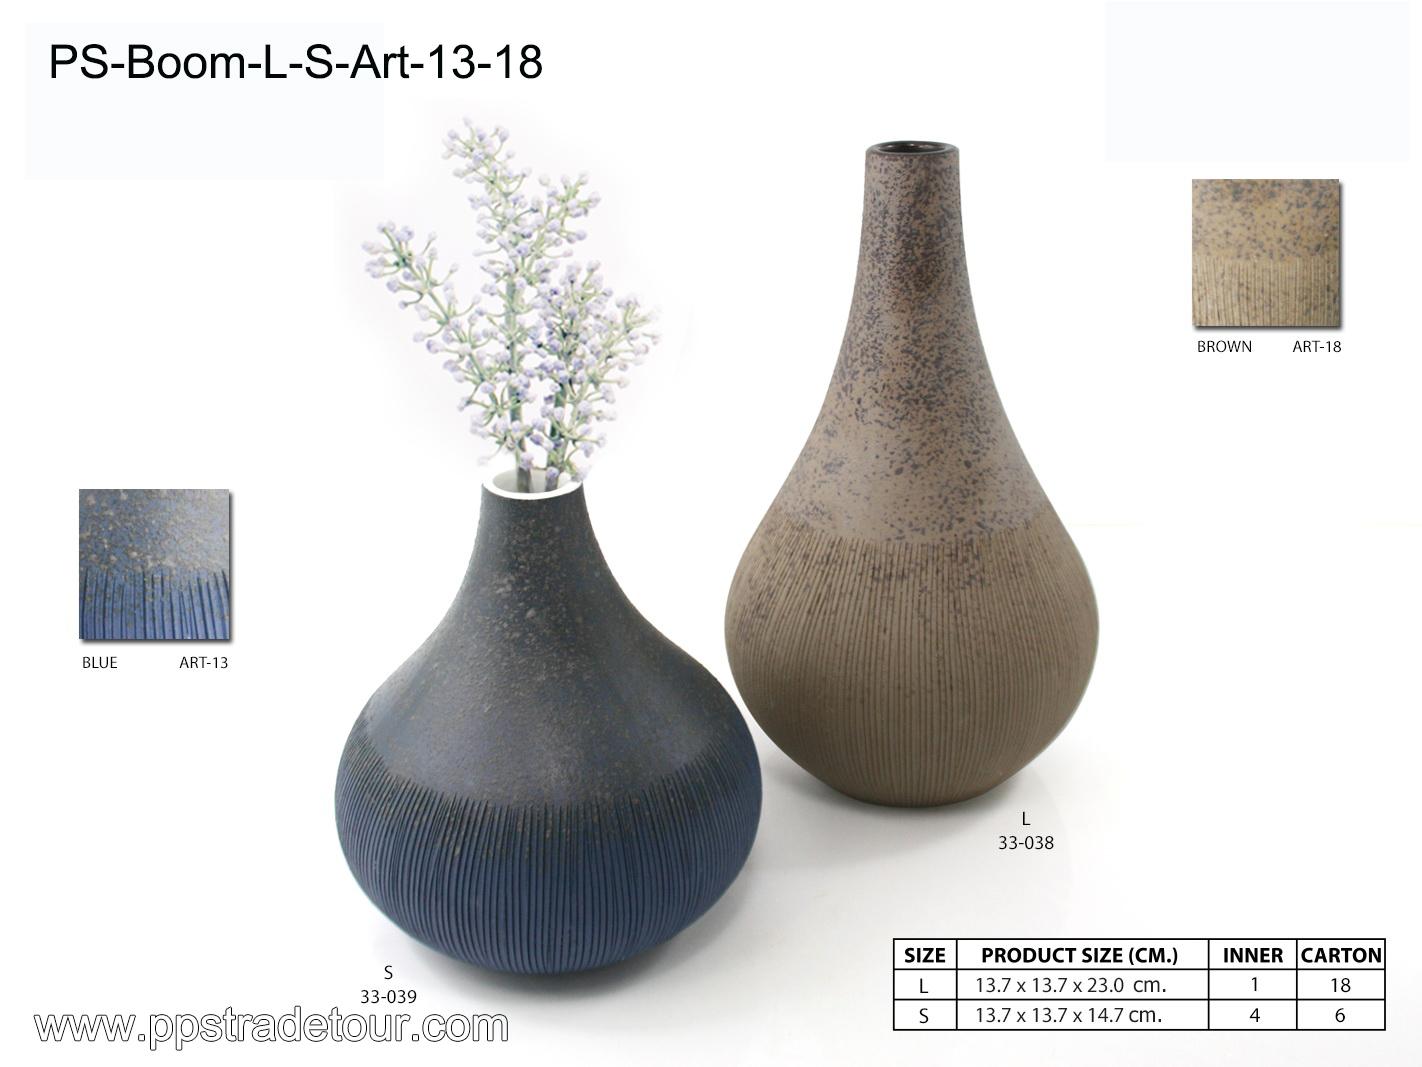 PSCV-BOOM-L-S-ART-13-18